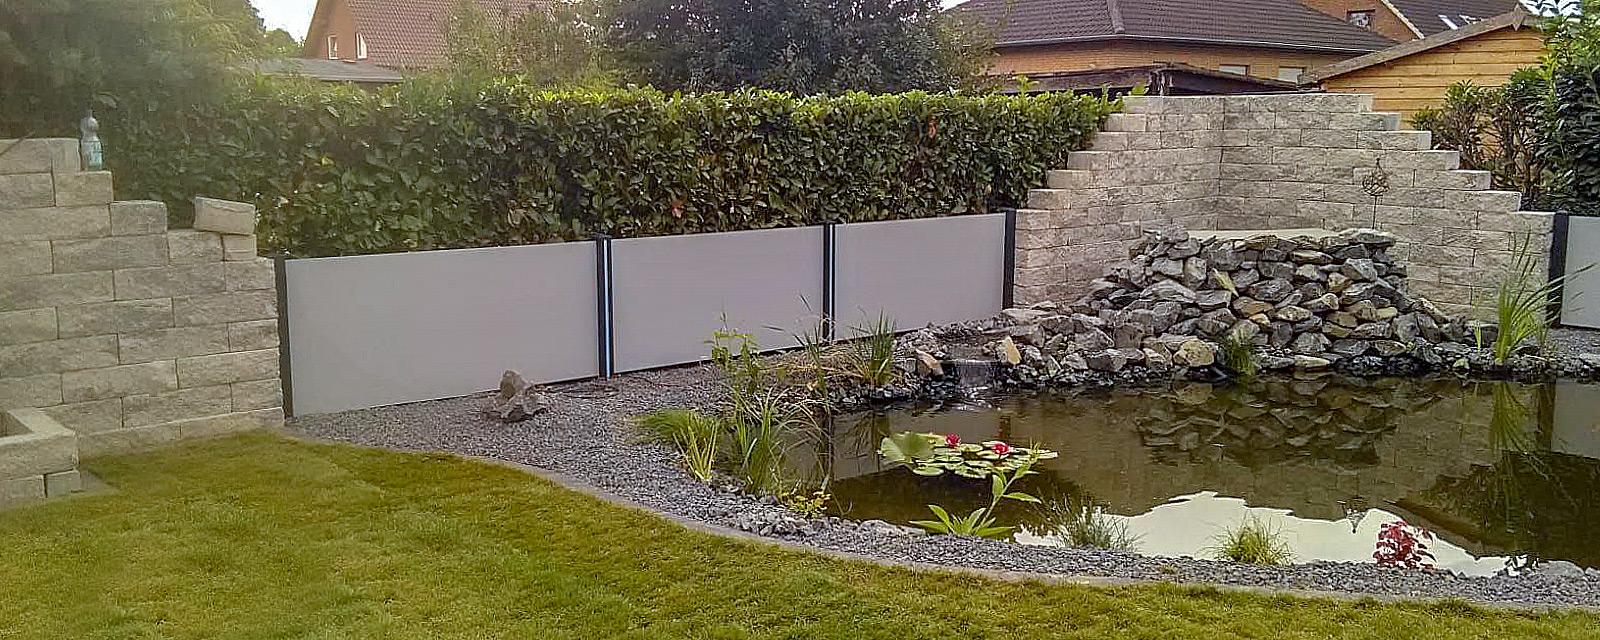 Gestalteter Garten mit Teich - Kappmeier Galabau